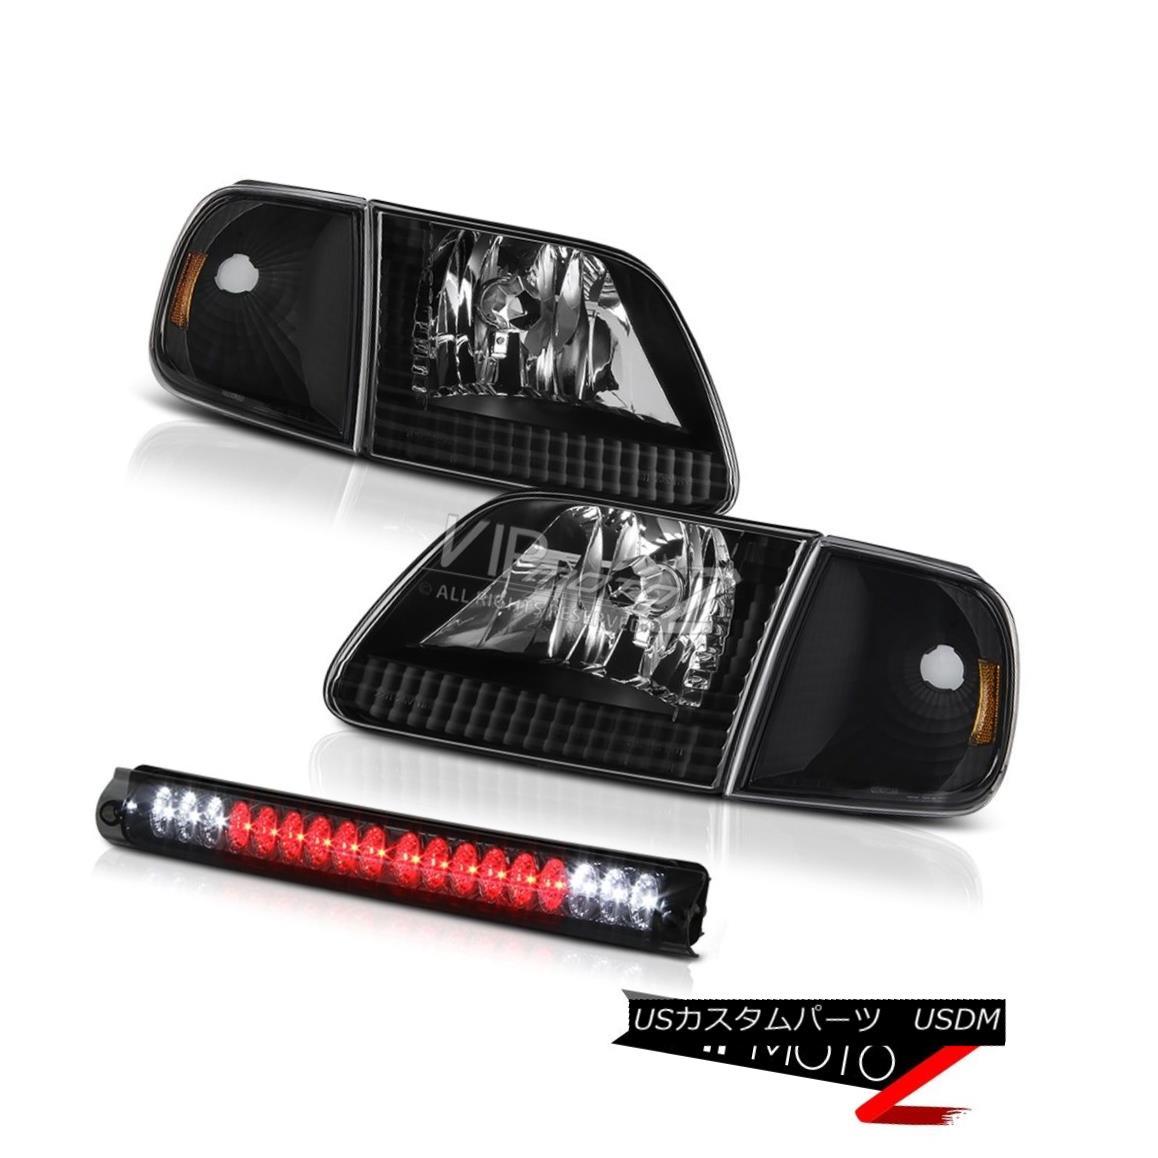 ヘッドライト 97-03 F150 XL Left Right Headlamp Matte Black Parking Signal High Stop LED Smoke 97-03 F150 XL左ライトヘッドランプマットブラックパーキング信号ハイストップLEDスモーク